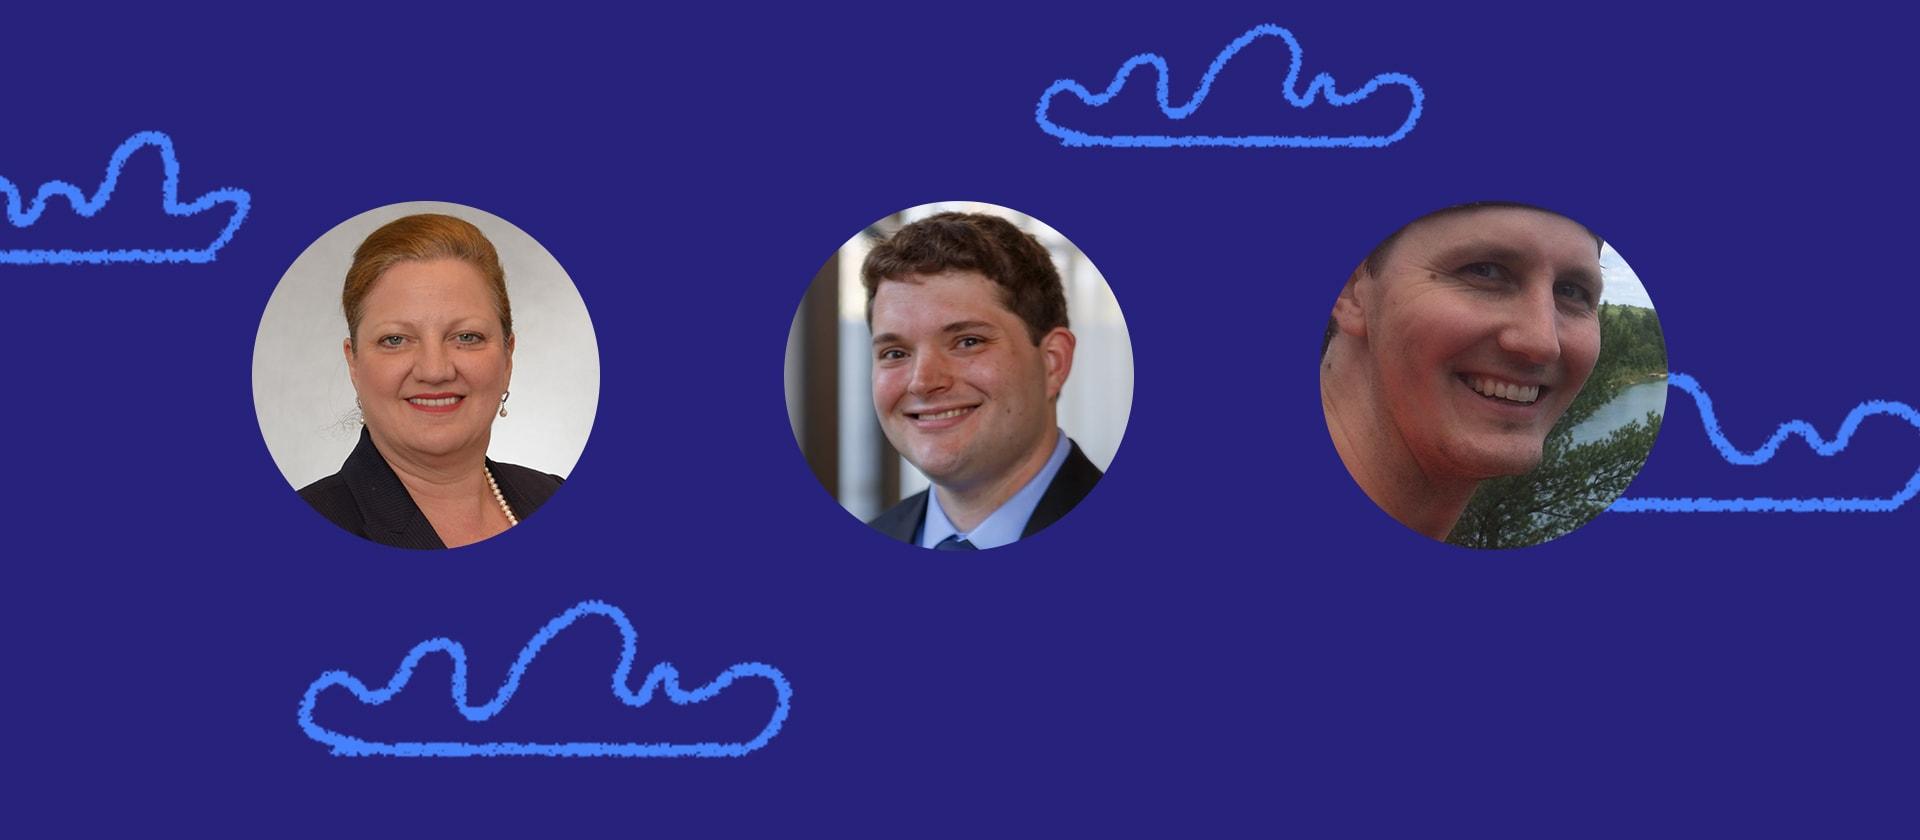 Kacy Clarke, John Wright, & Aaron Warzon